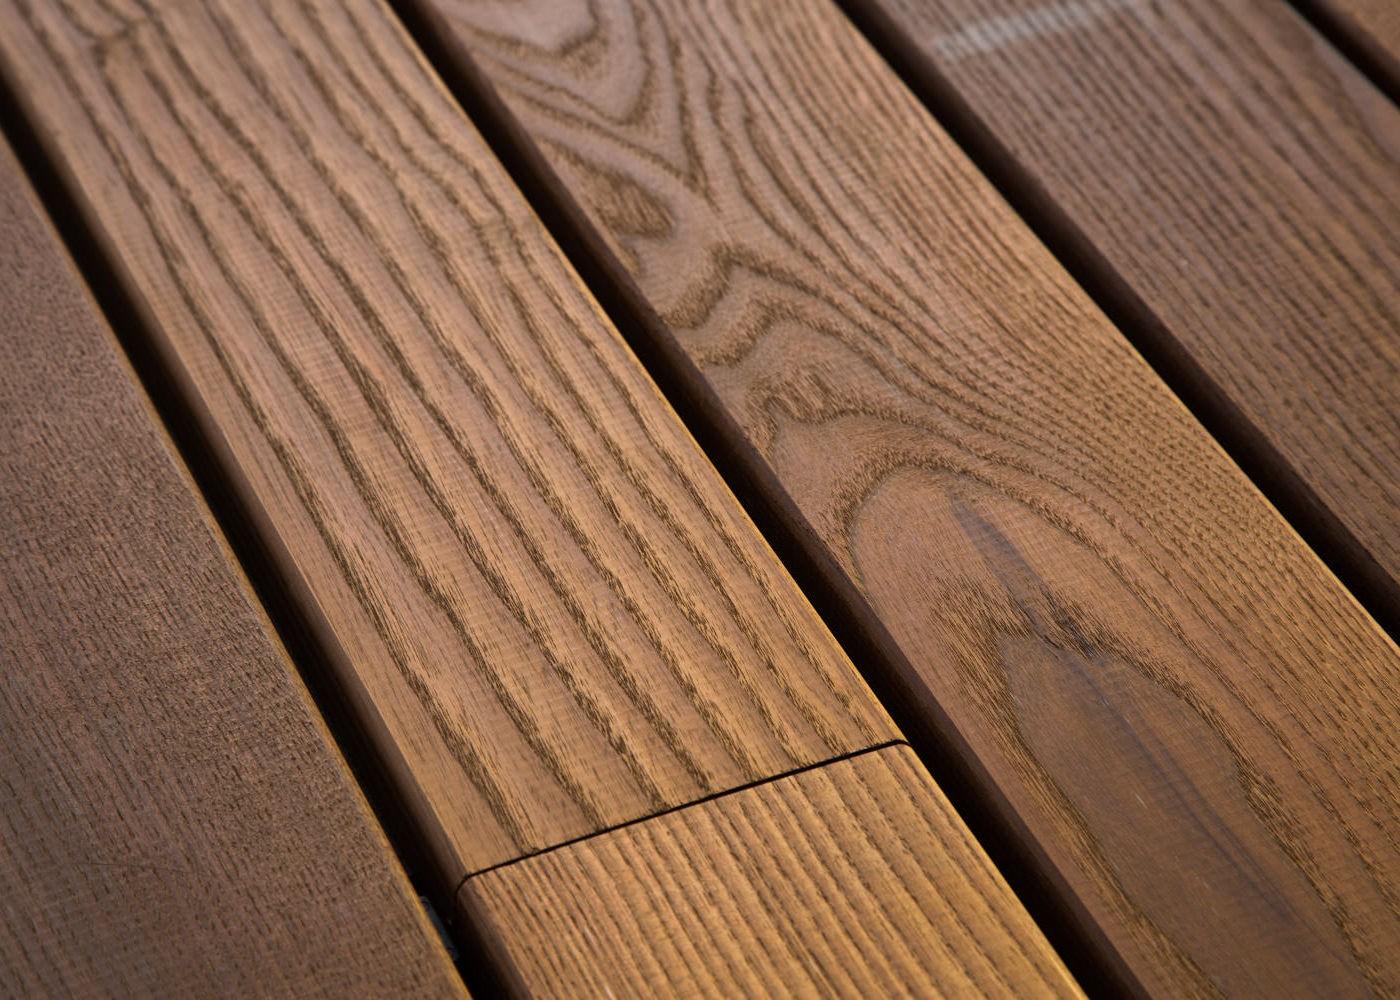 Frêne thermo traité rives arrondies fixation à visser - face lisse - longueurs panachées 21x140x600-900-1200-1800